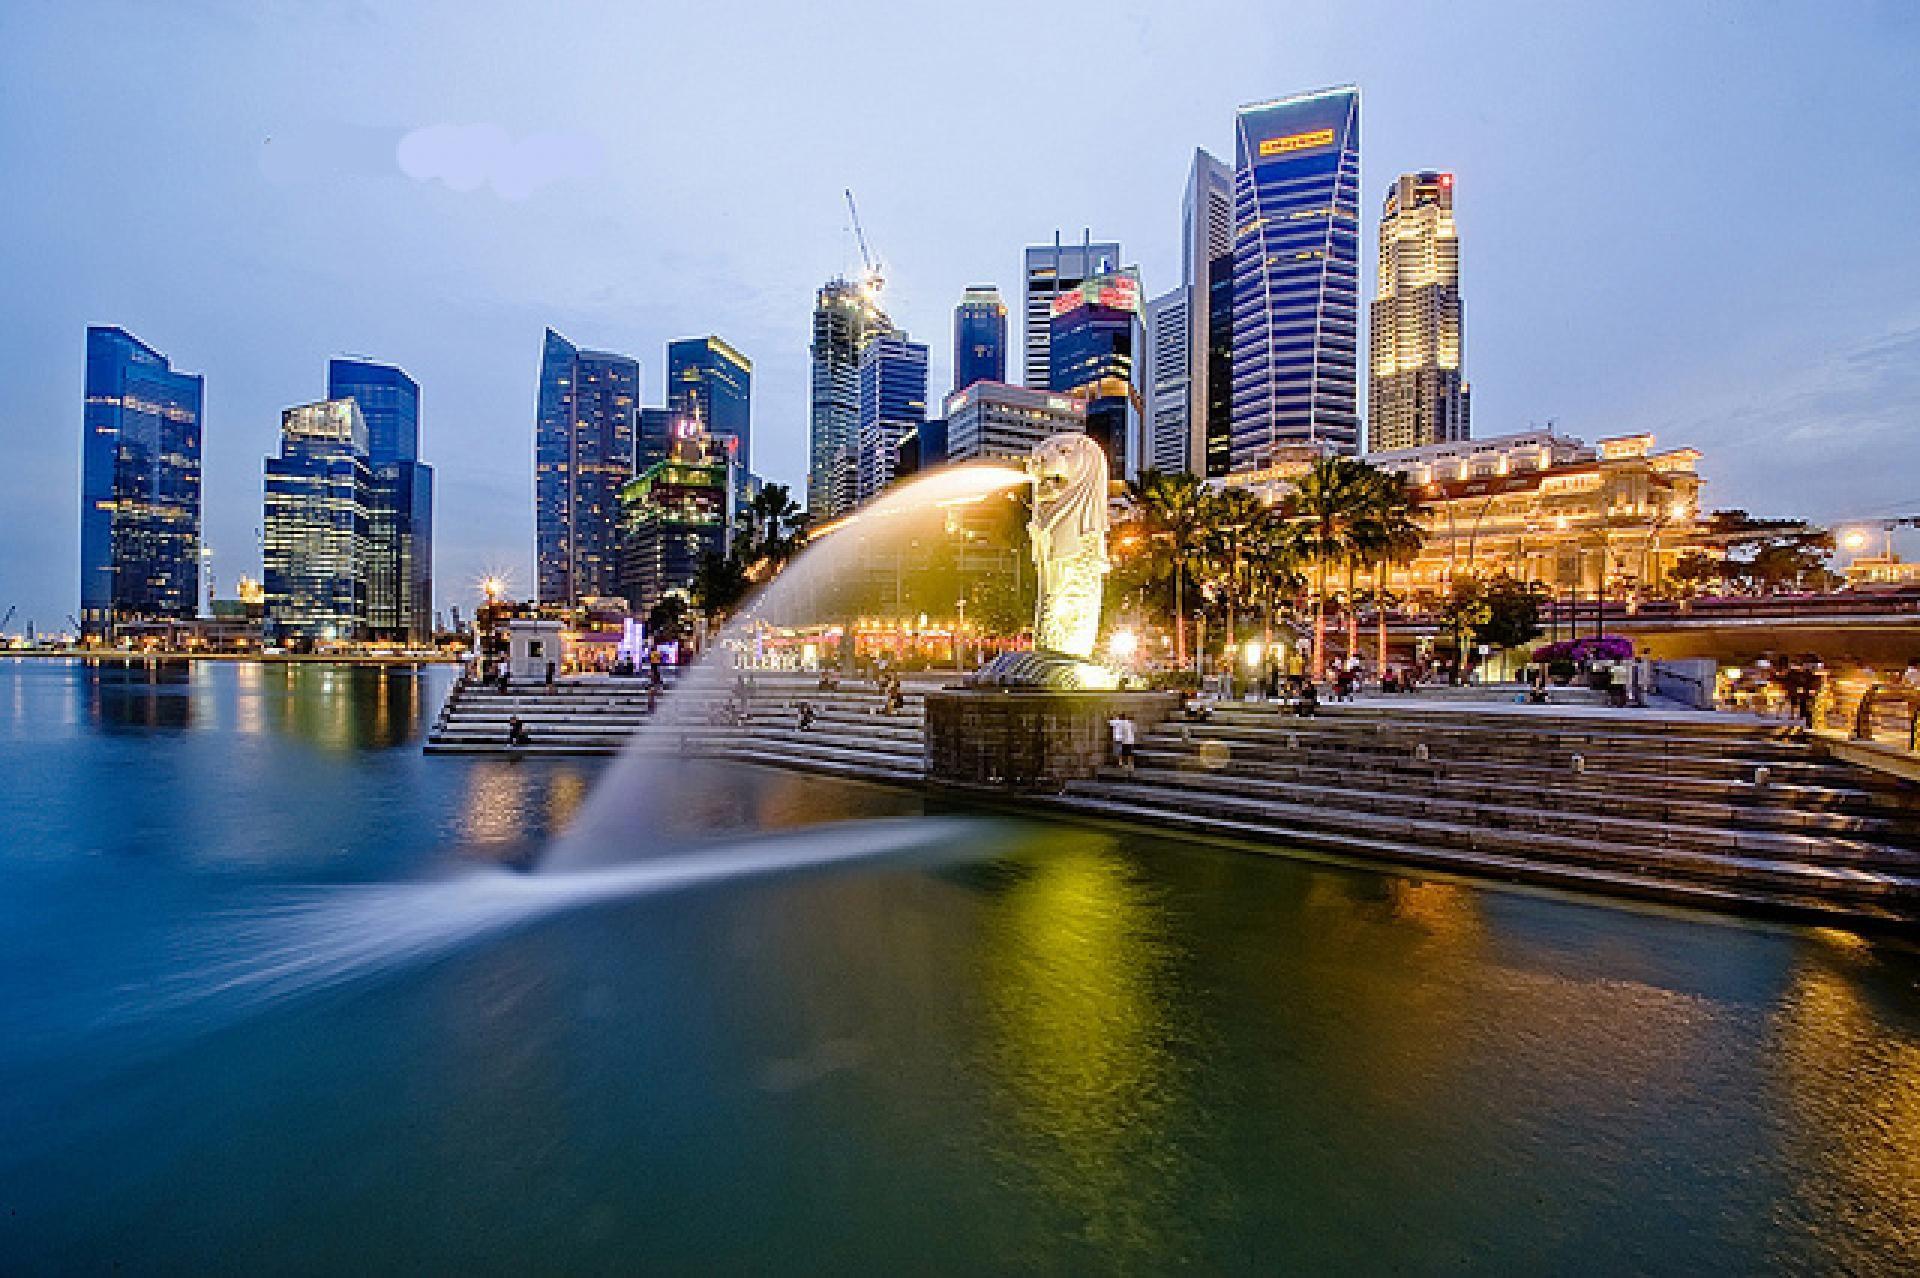 LIÊN TUYẾN  SINGAPORE - MALAYSIA: HÀNH TRÌNH XUYÊN Á LÝ TƯỞNG